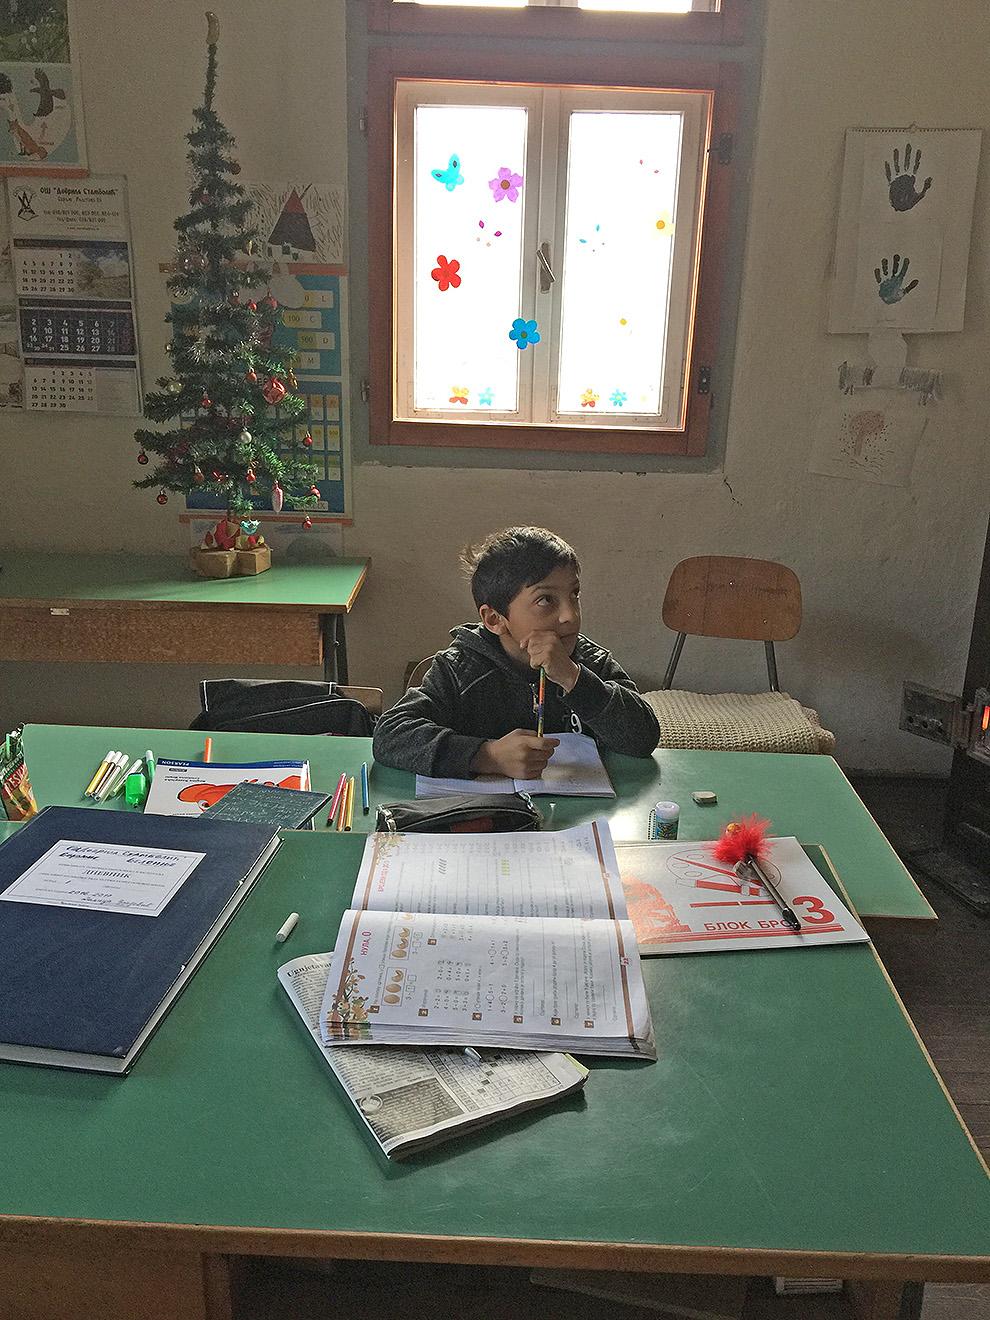 jedan djak cuva skolu